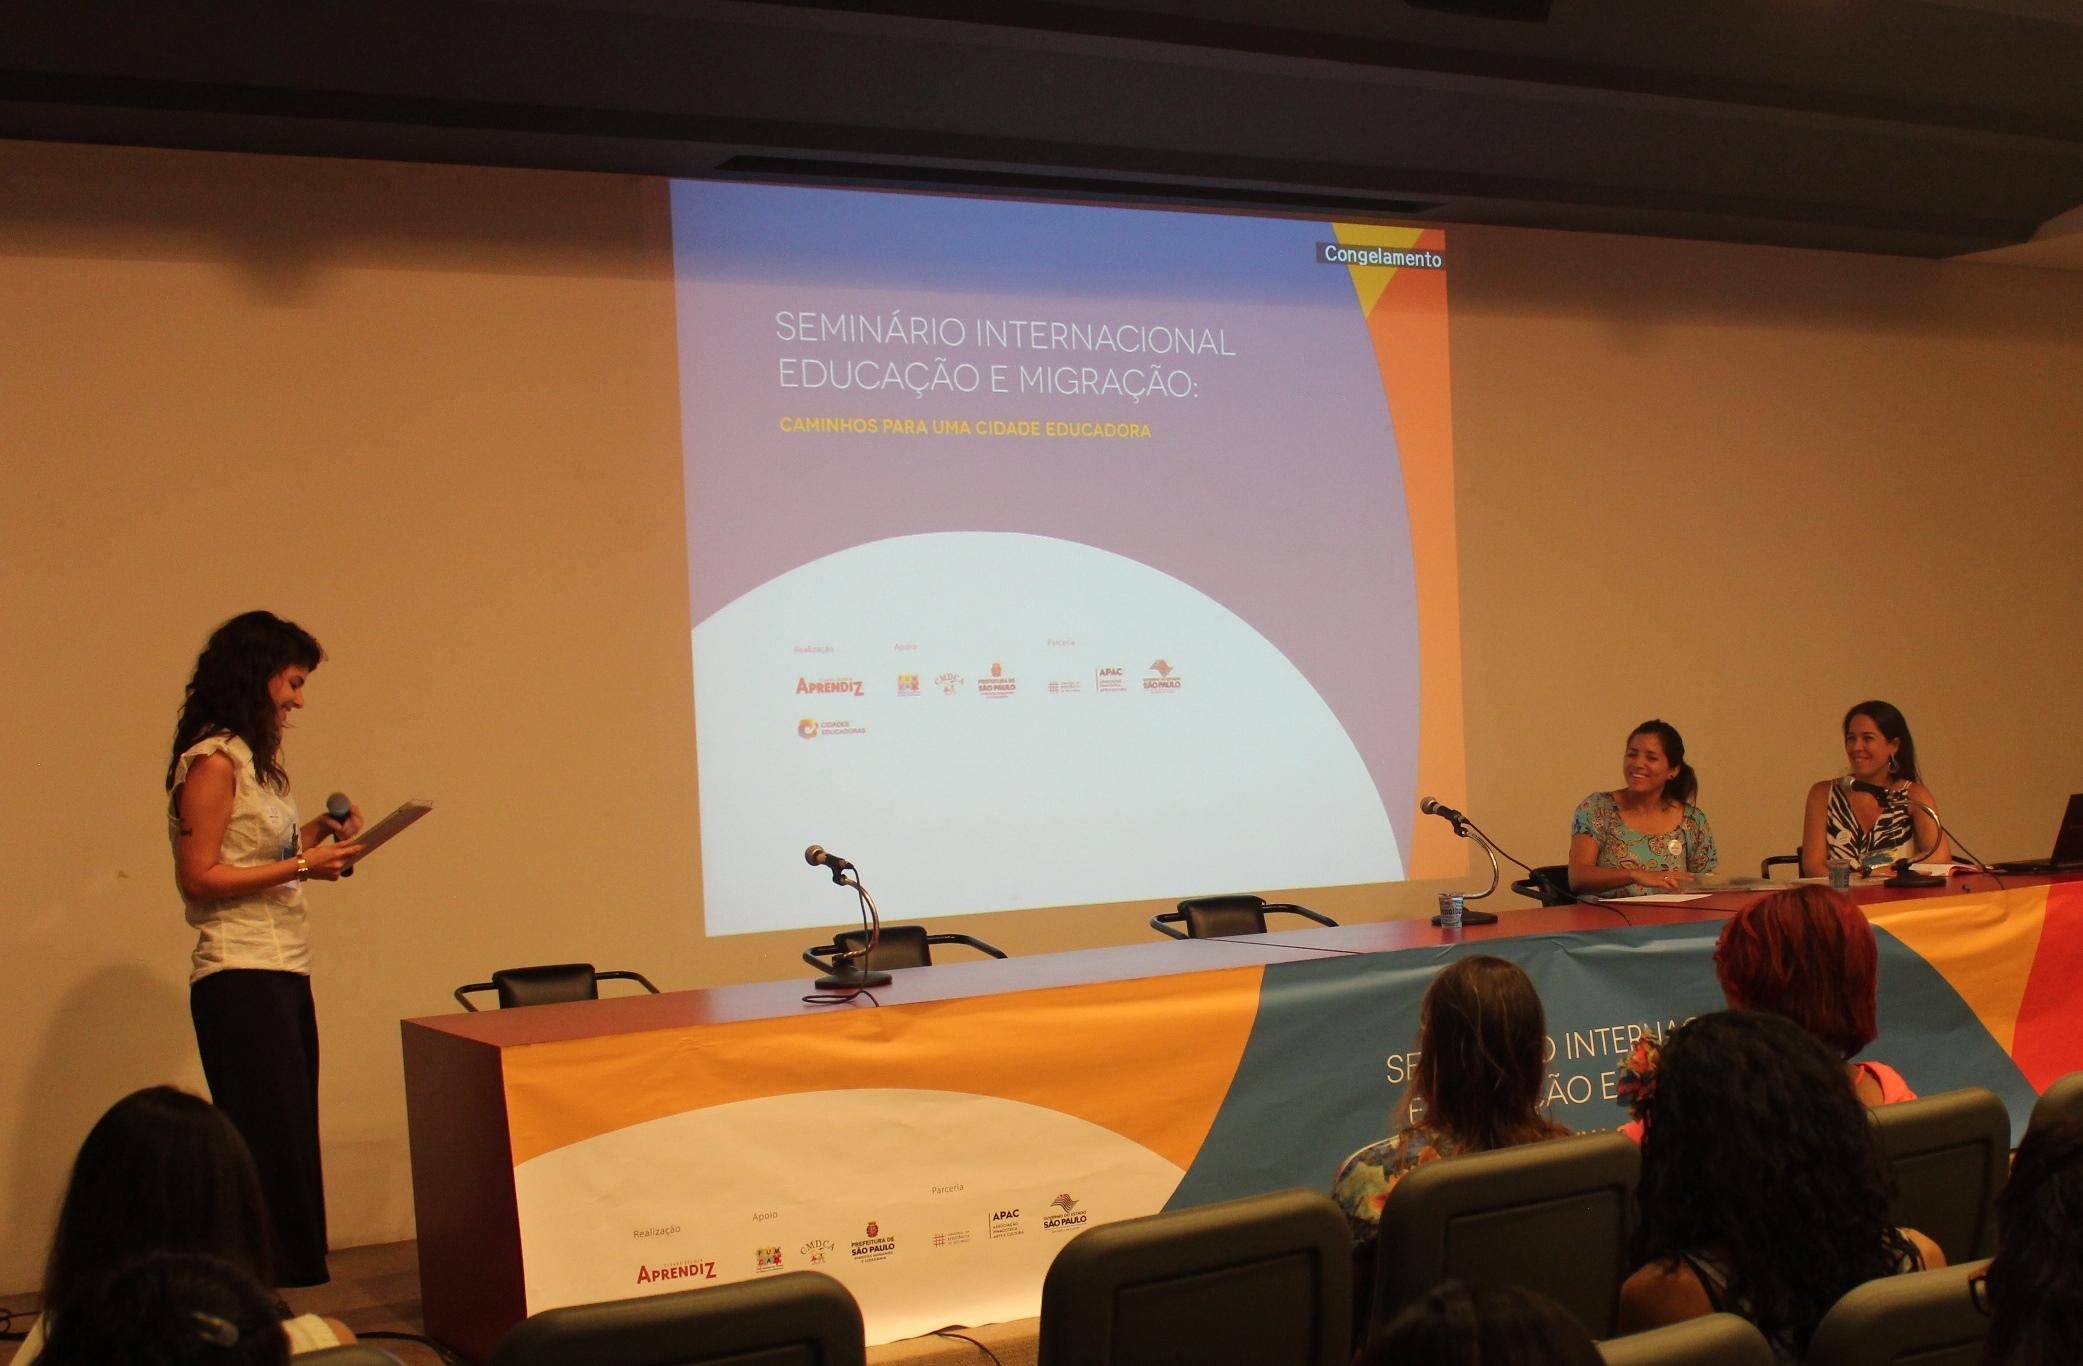 Seminário Internacional Educação e Migração discutiu infâncias migrantes na América Latina e Caribe, especialmente em São Paulo e no Bom retiro